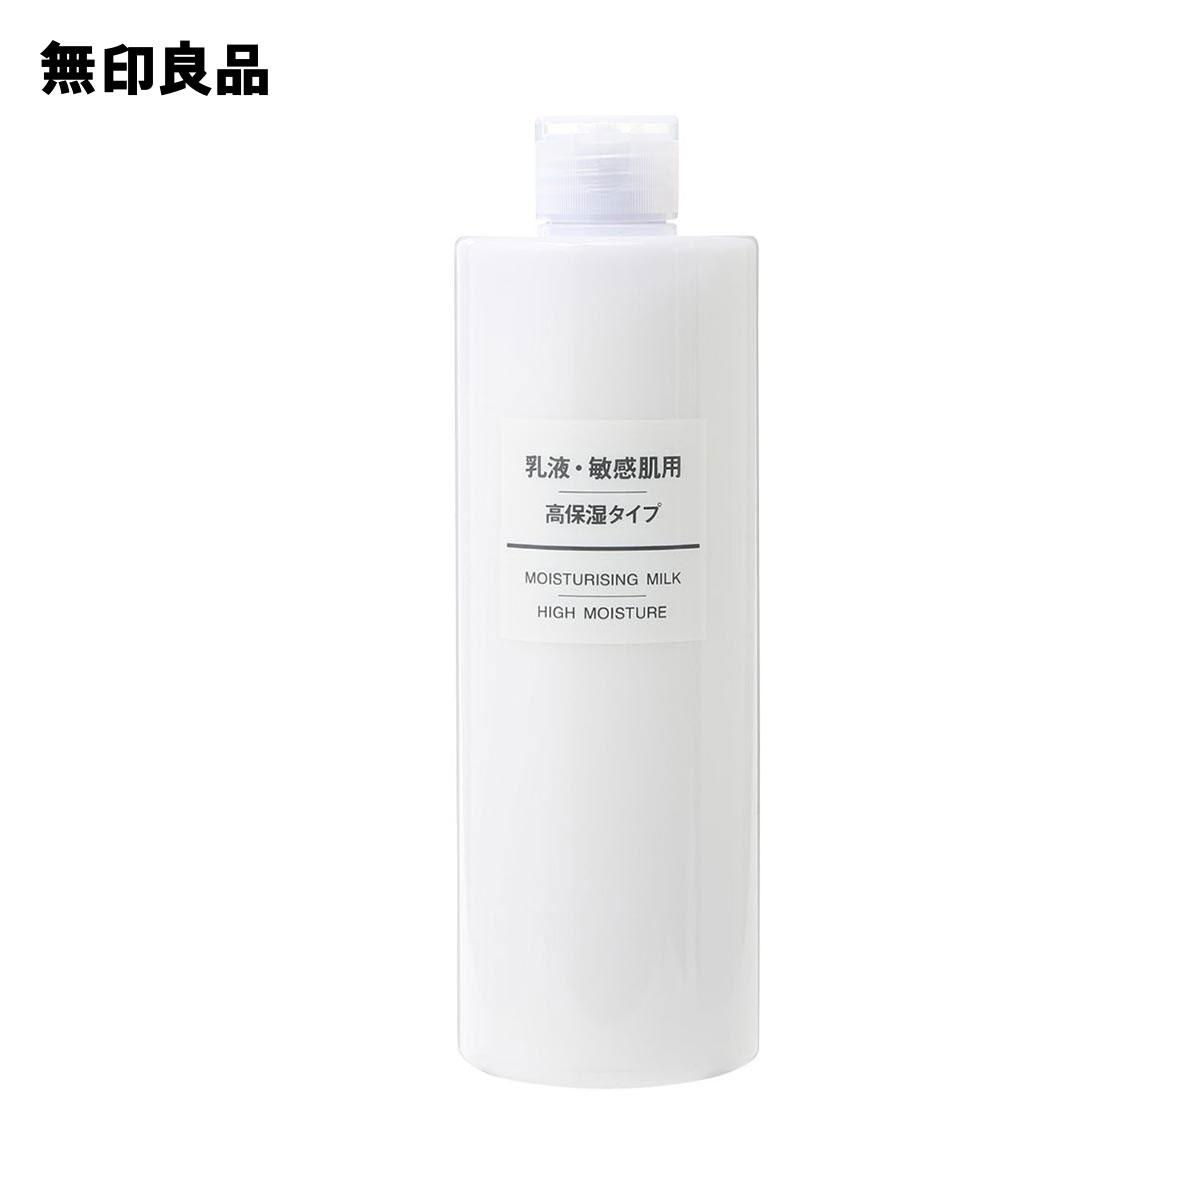 無印良品 公式 乳液 敏感肌用 高保湿タイプ 400ml ☆送料無料☆ 当日発送可能 セール価格 大容量